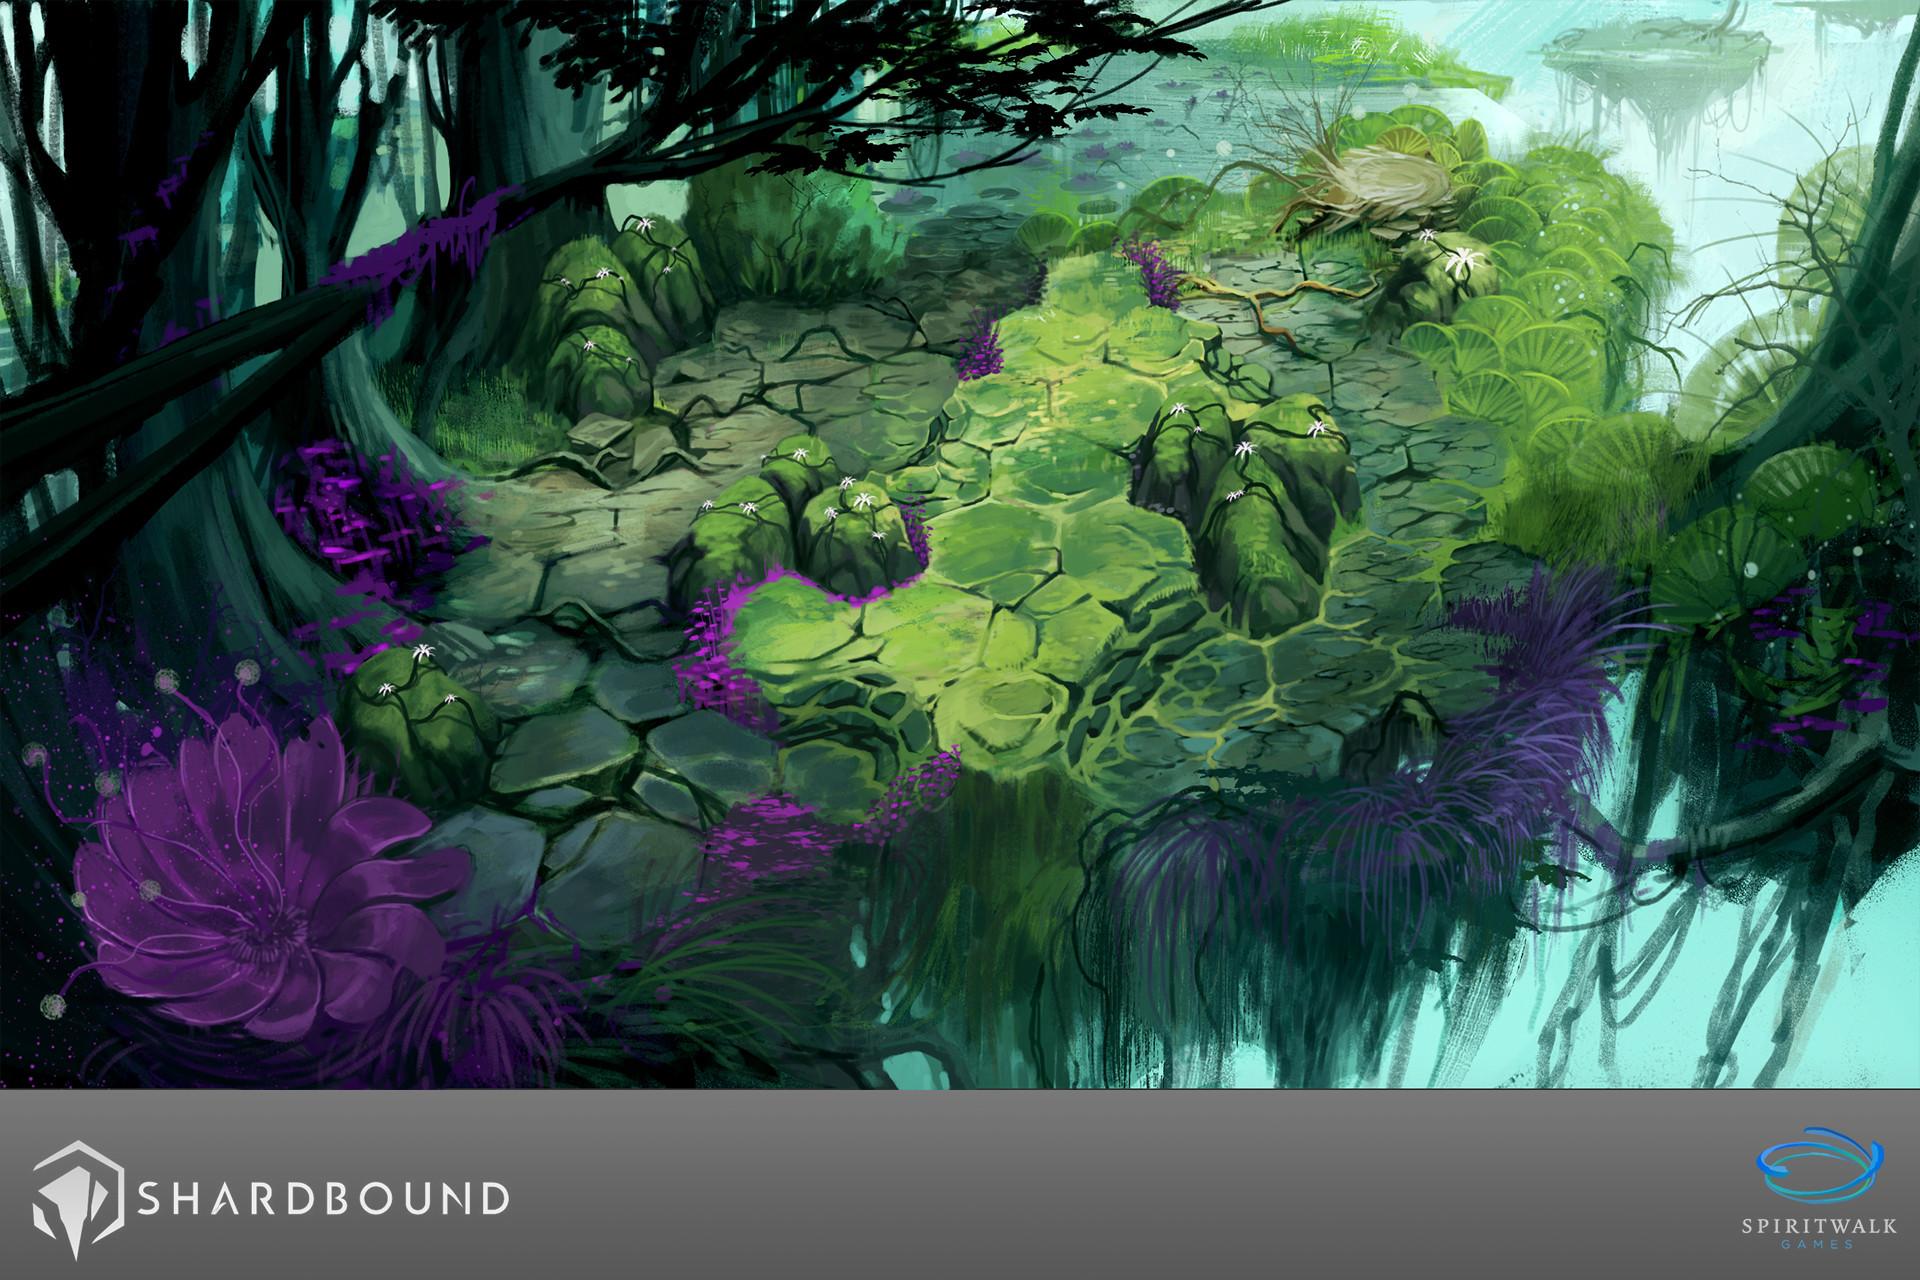 David alvarez dalvarez shardbound maps 04